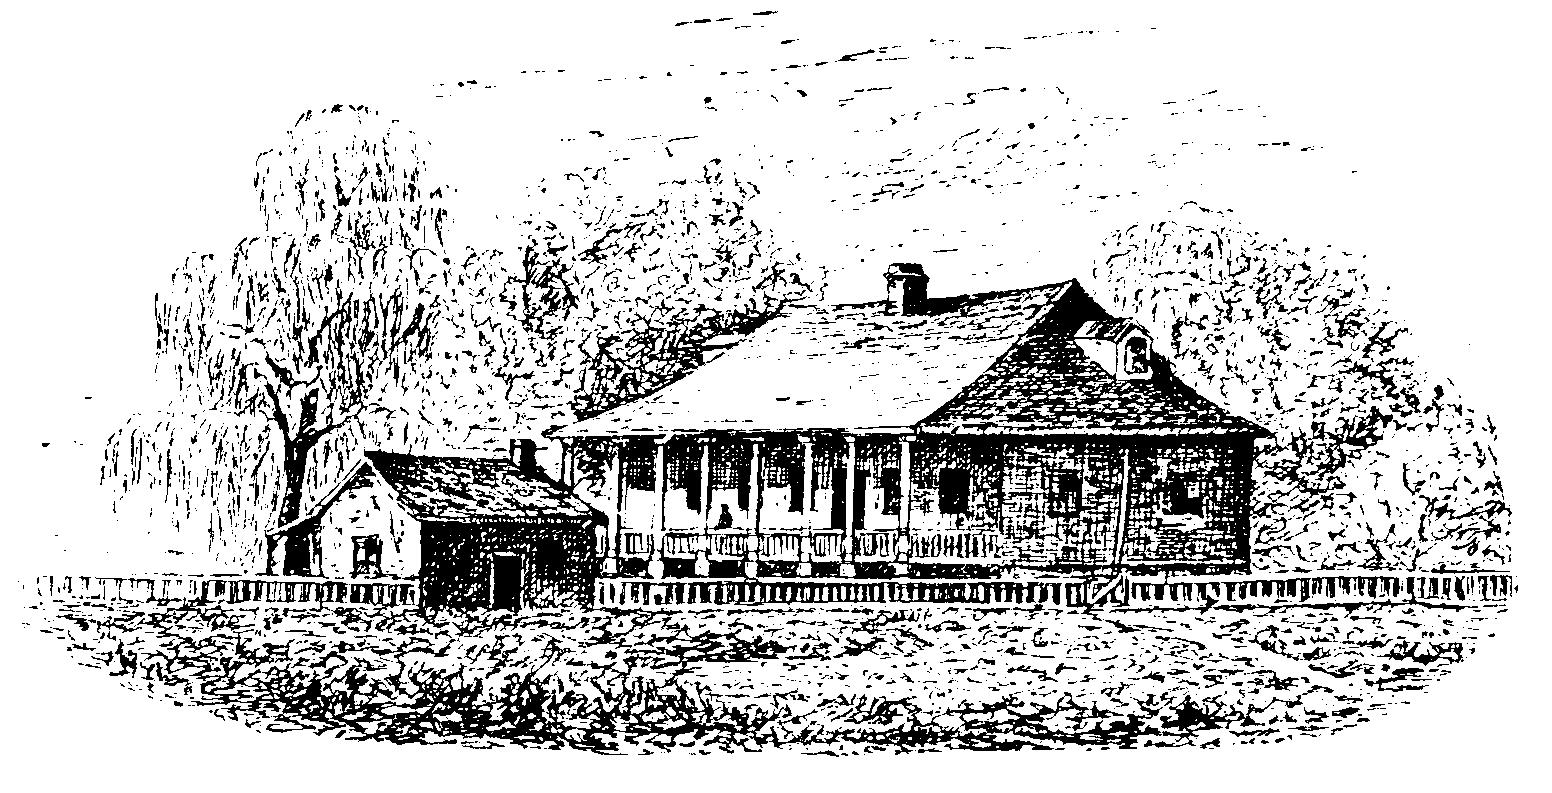 Spoils System Andrew Jackson President Andrew Jackson